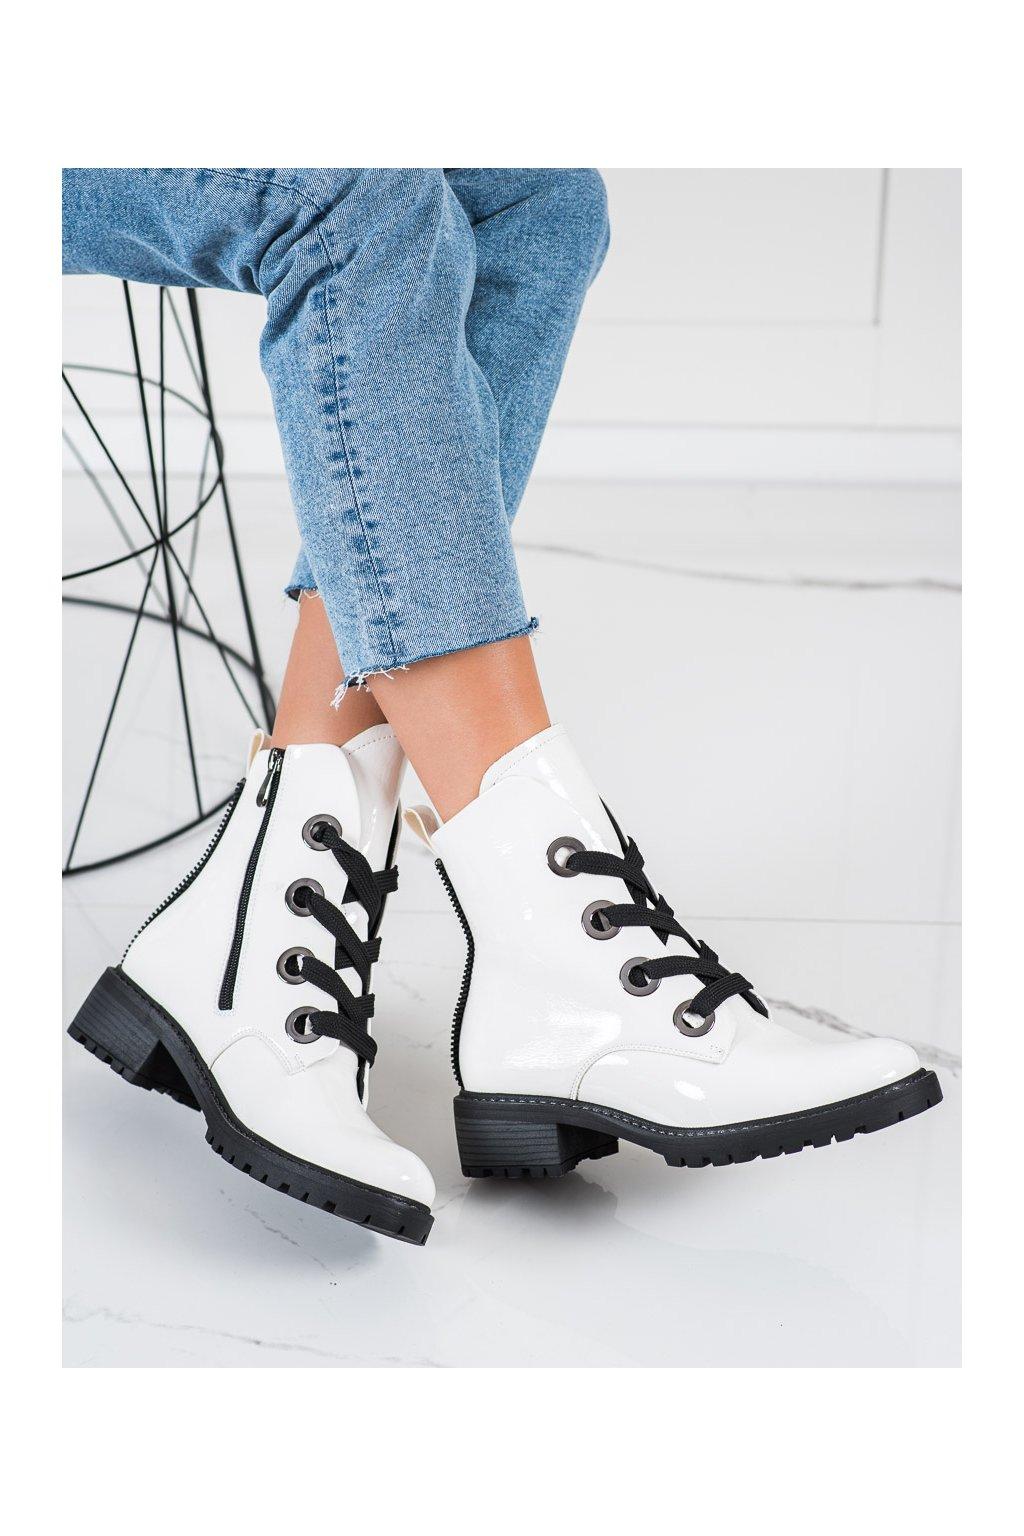 Biele dámske topánky Vinceza kod XY22-10660W